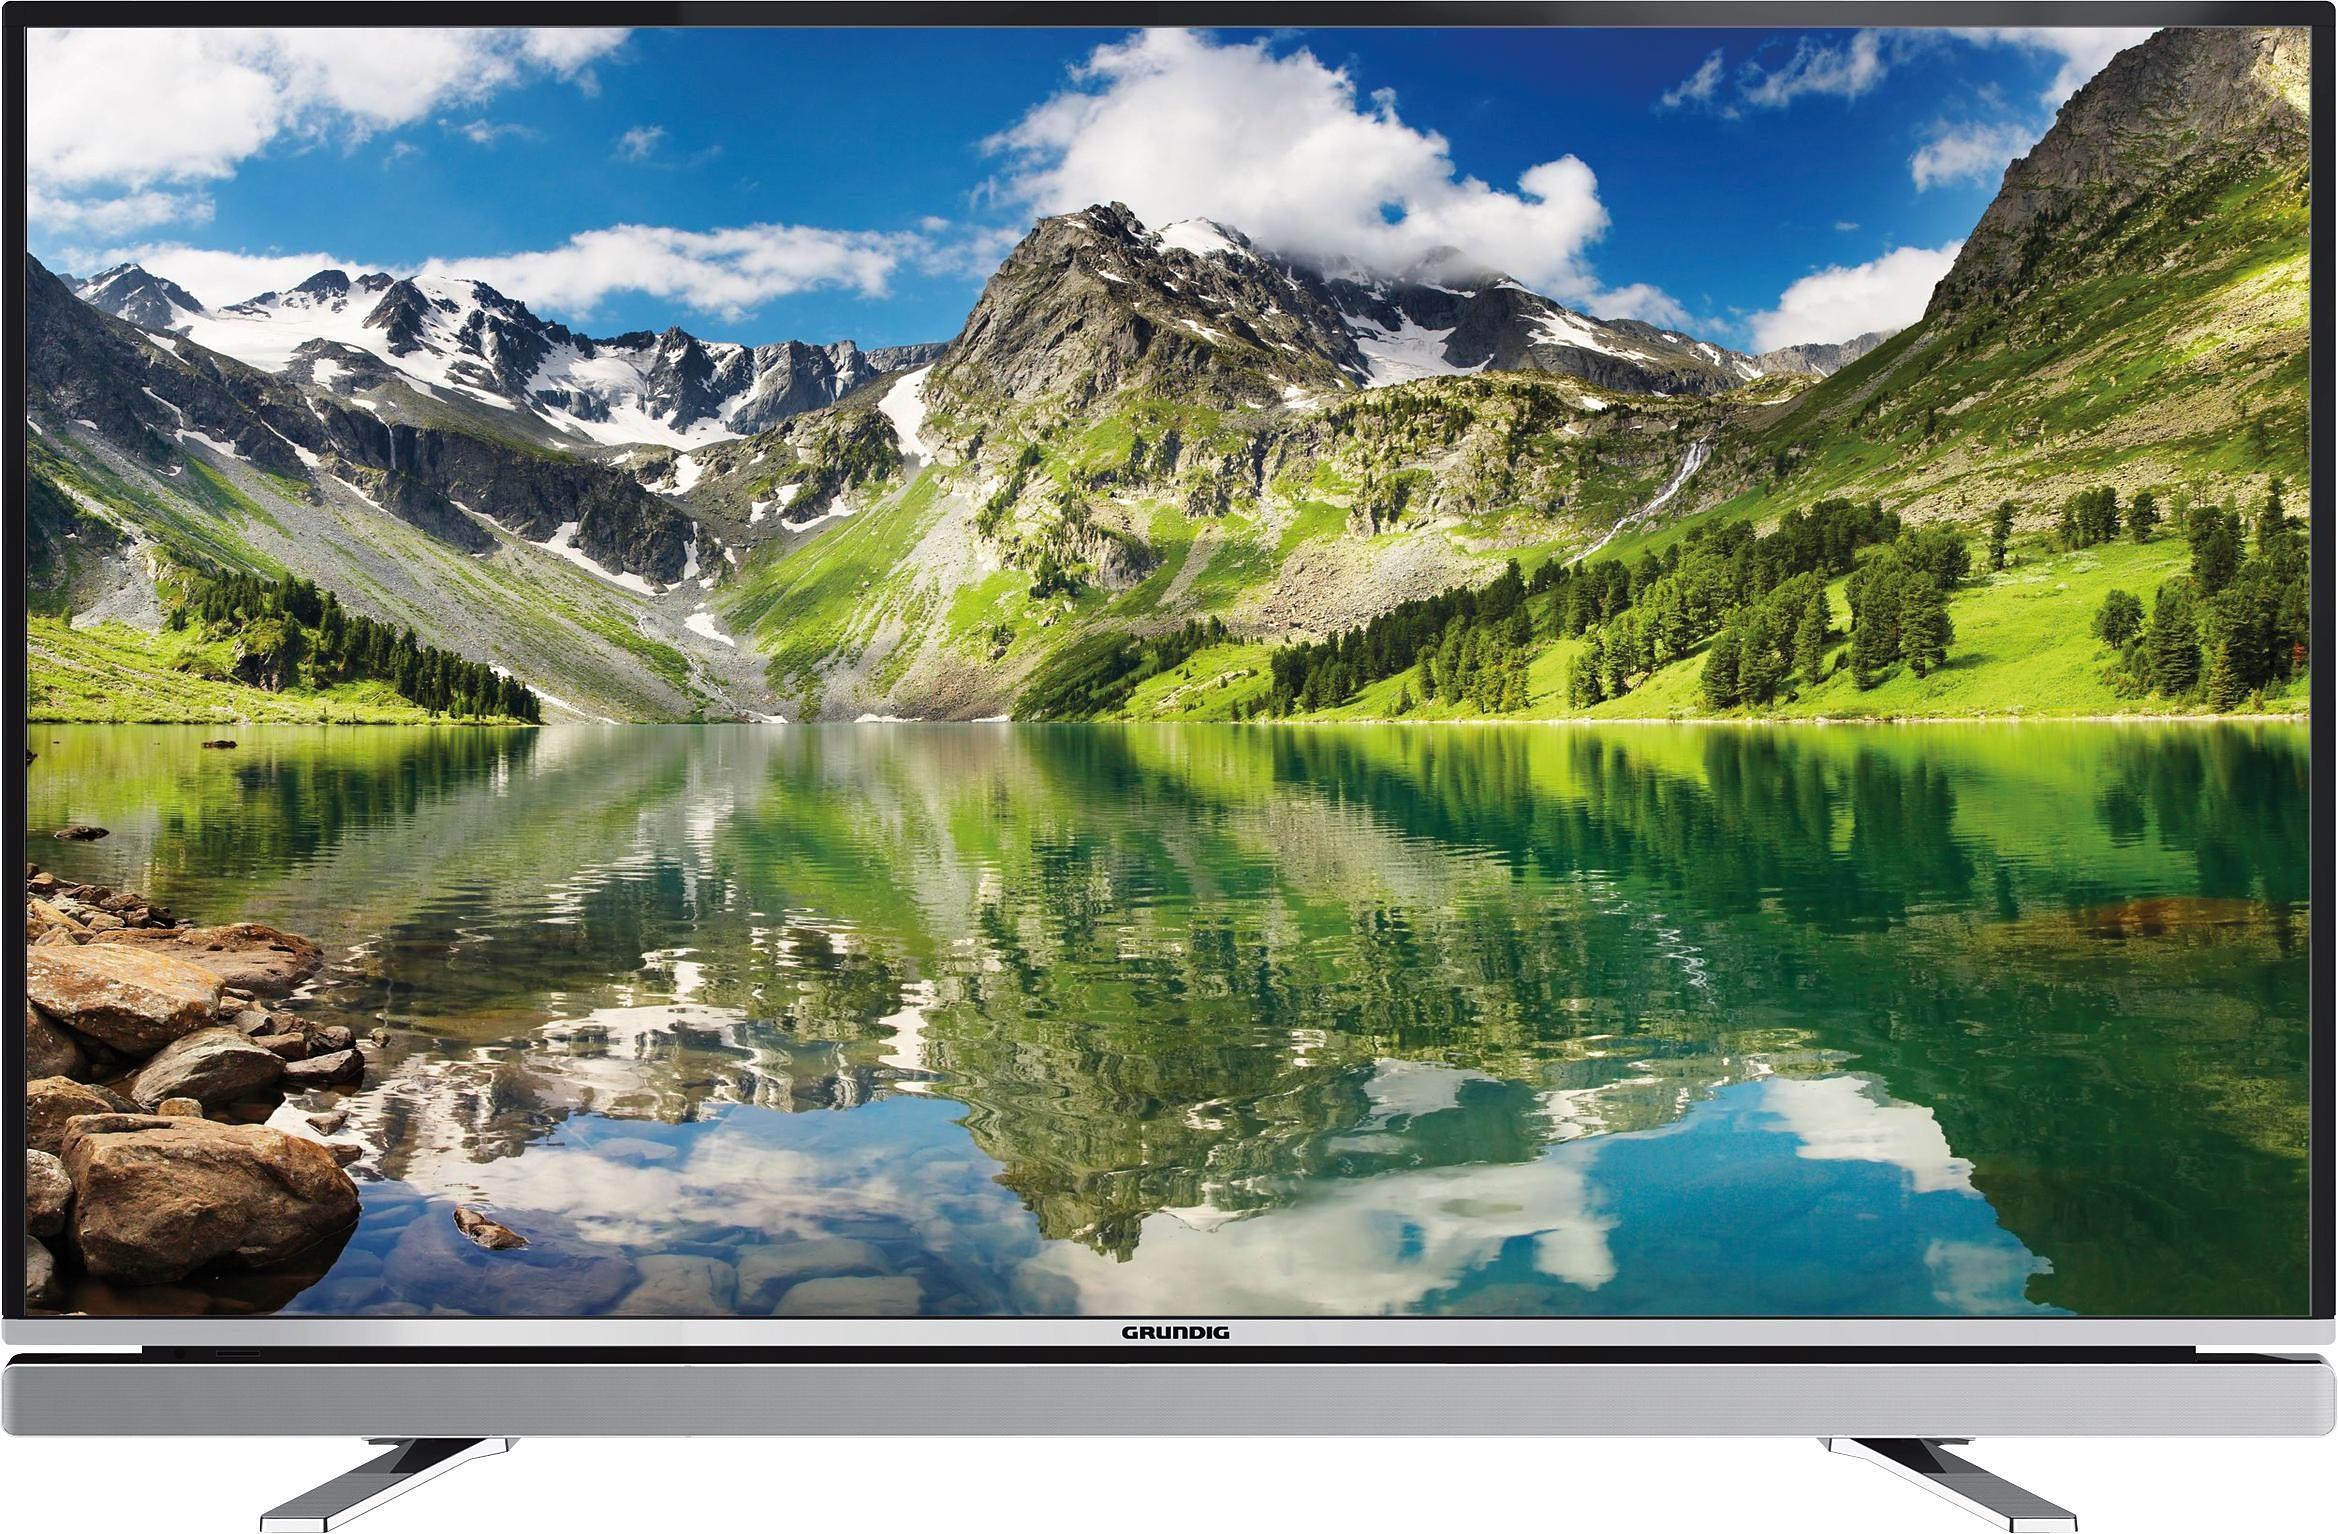 Grundig 49GFB6623 LED Fernseher (123 cm (49 Zoll), Full HD, Smart-TV) inkl. 36 Monate Garantie